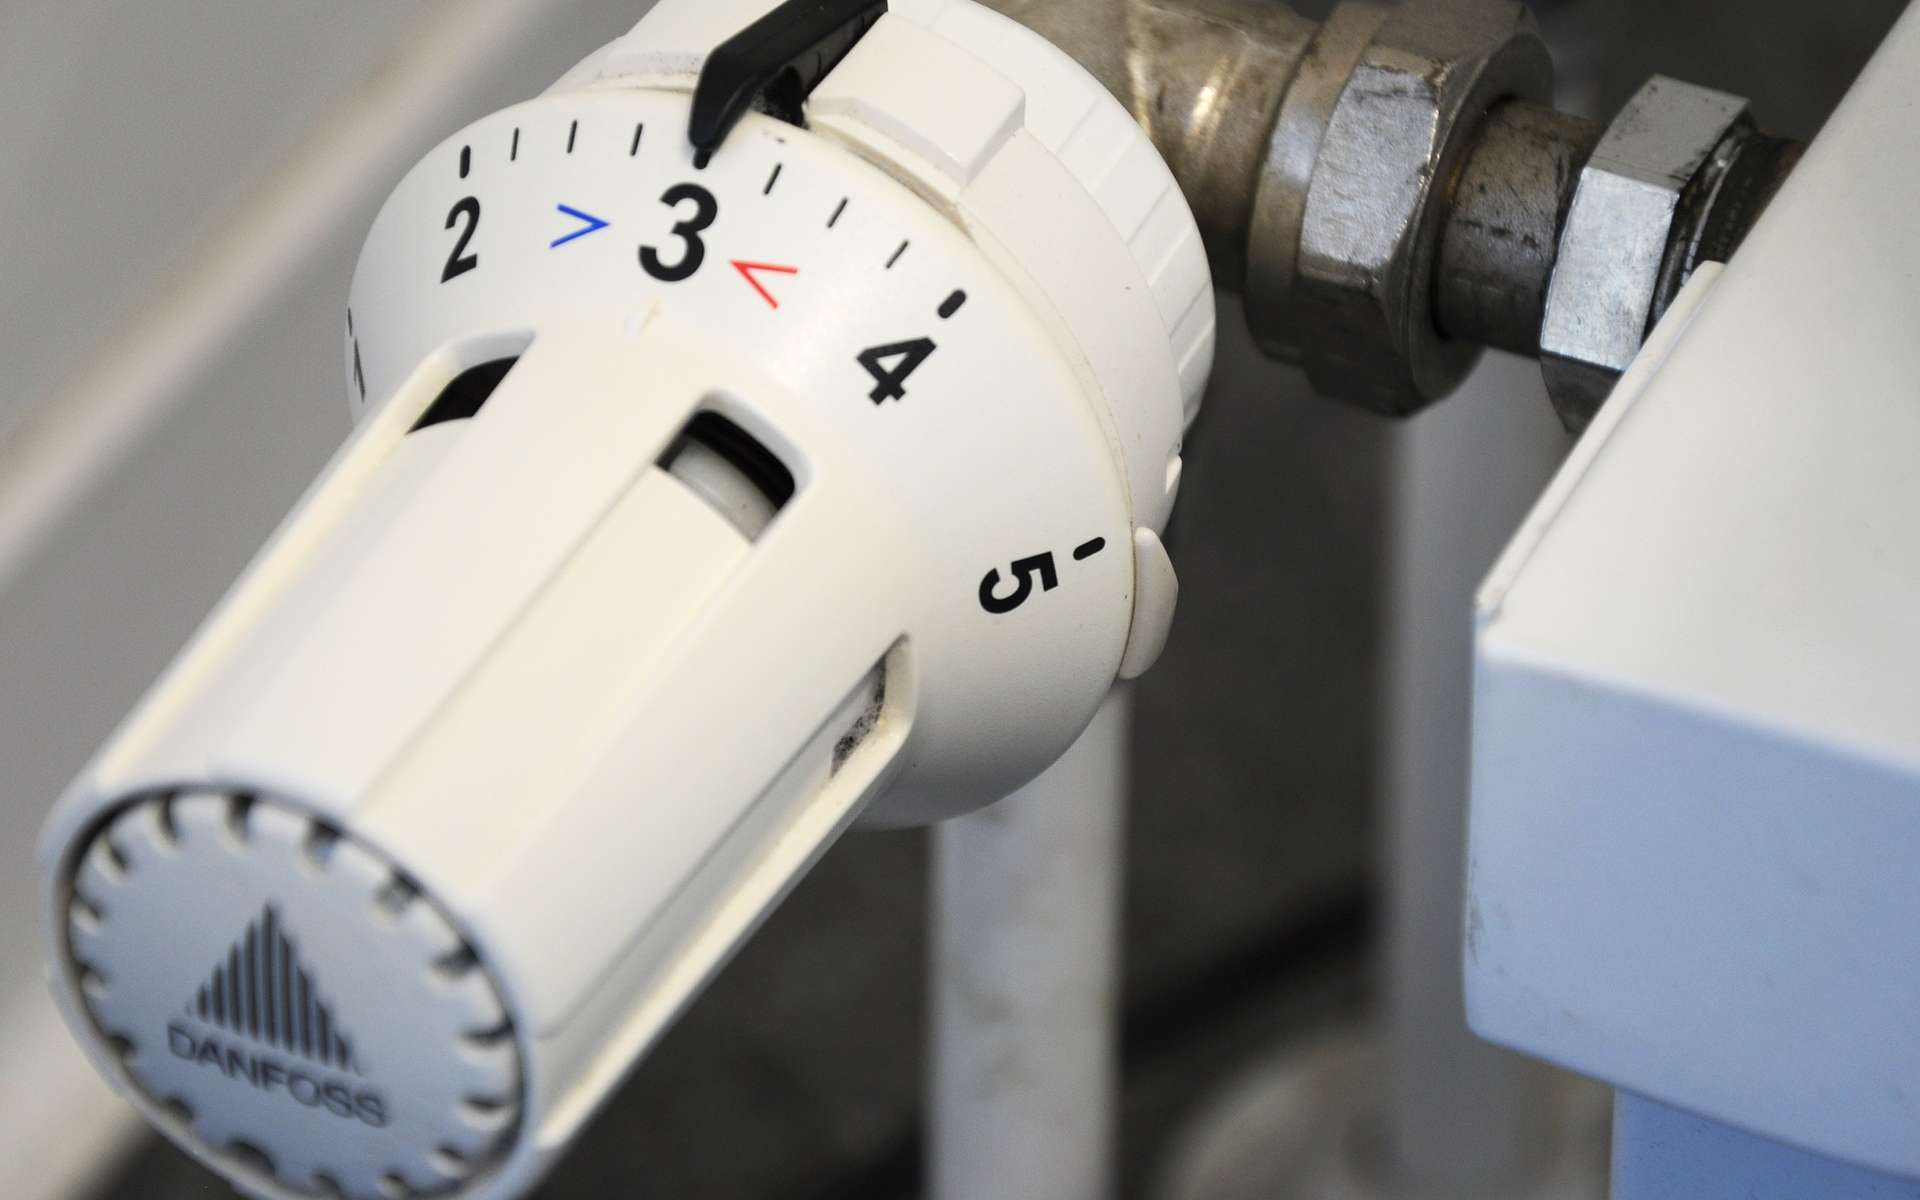 Il n'y a pas de réponse unique, le meilleur chauffage électrique dépend de plusieurs critères de choix : le confort, le respect de l'environnement et la facilité d'entretien.